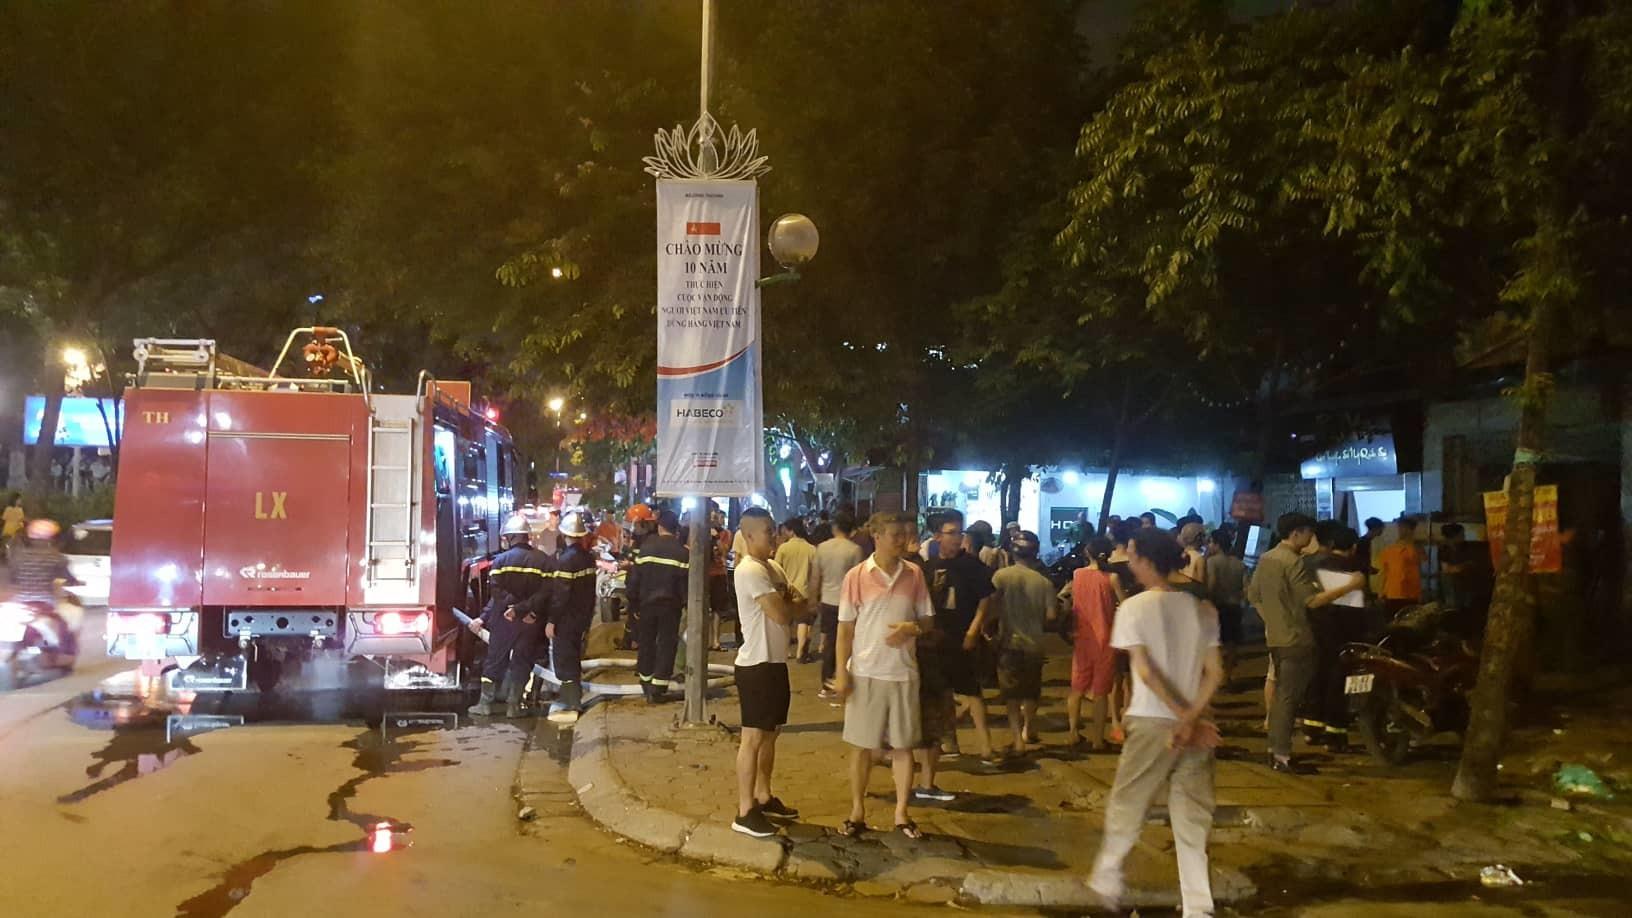 Hà Nội: Cháy quán bia hơi Hải Xồm, khách bỏ chạy tán loạn-4